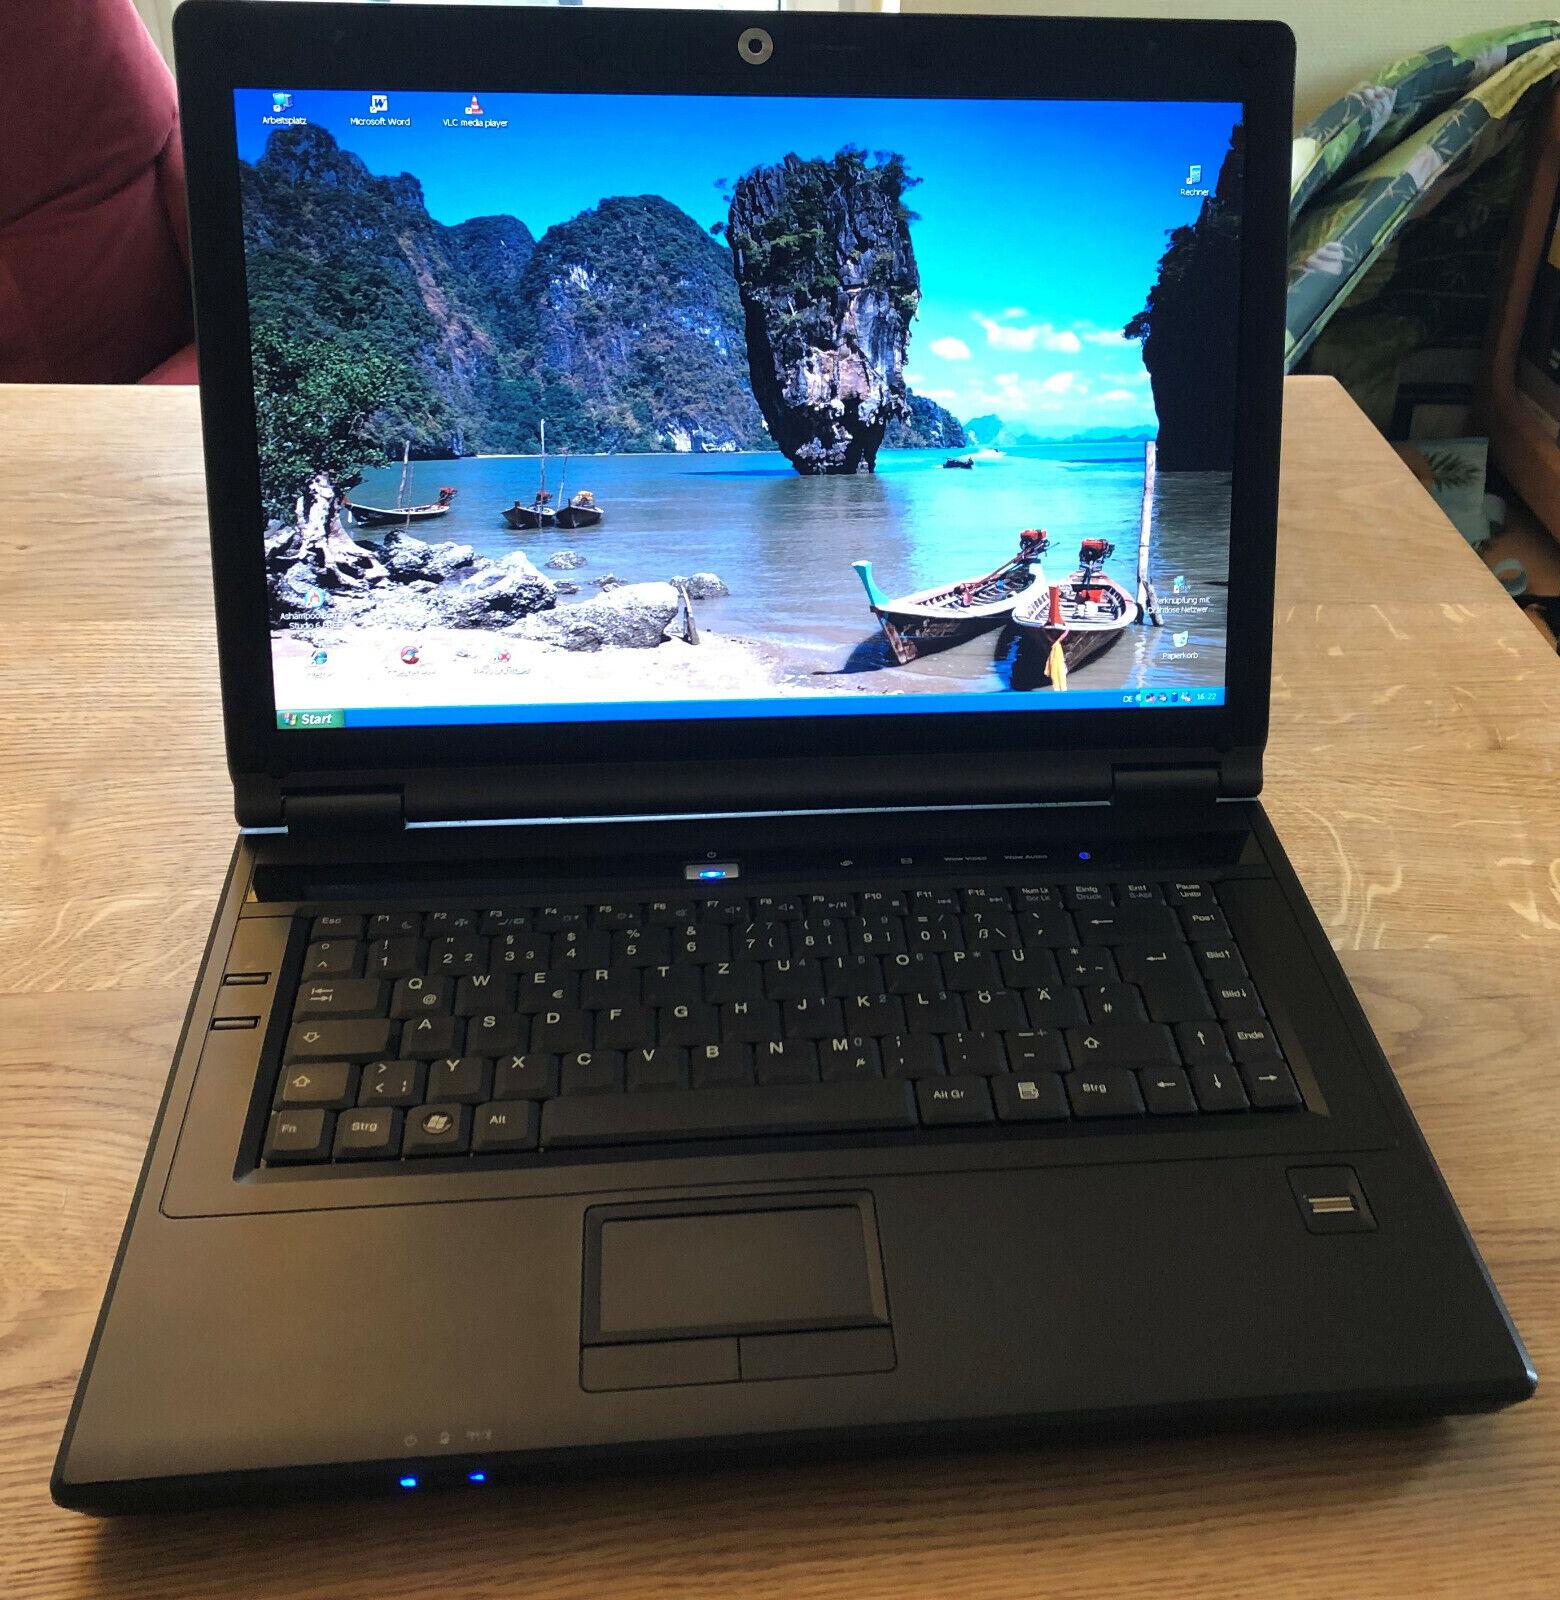 Notebook laptop 15 zoll, NEXOC, WIndows XP